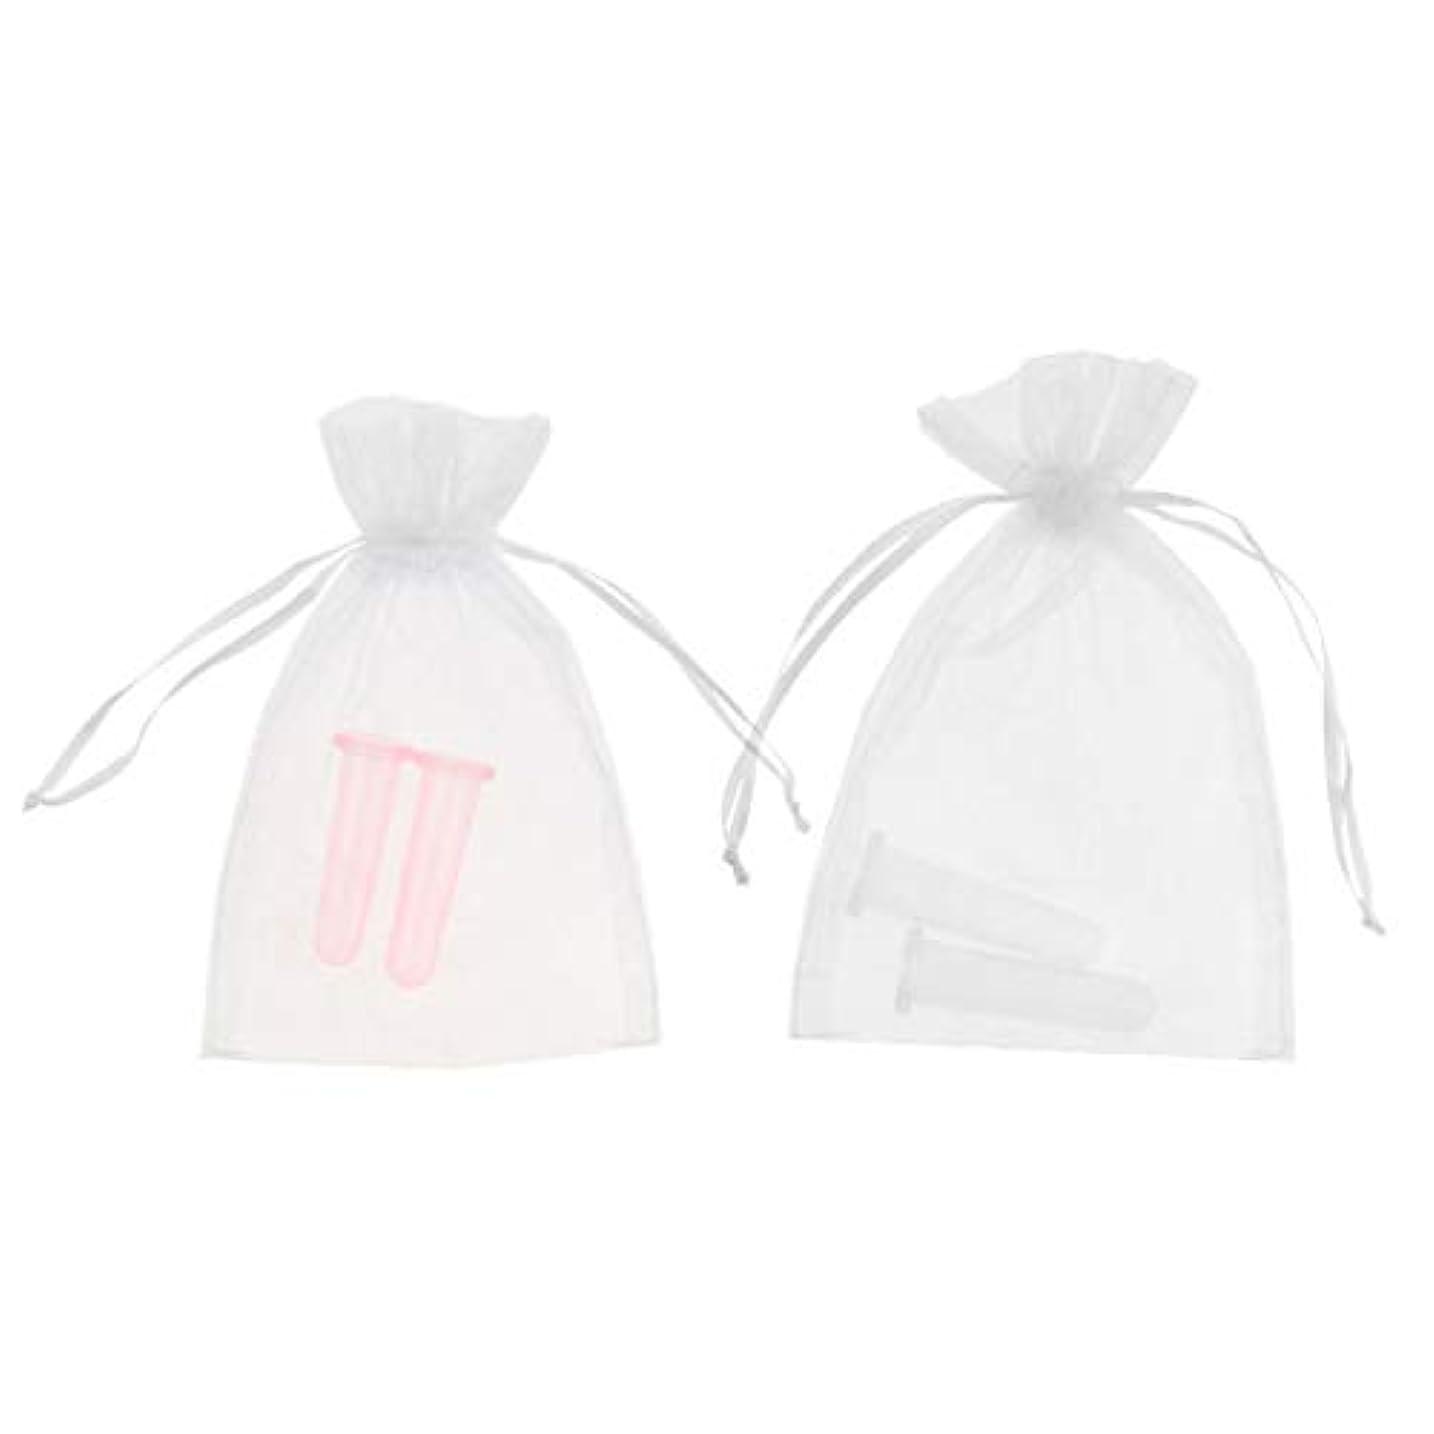 に応じてコーンウォールメドレーD DOLITY シリコーン素材 顔 首用 マッサージ 吸い玉 カッピングカップ 2個 収納ポーチ 高品質